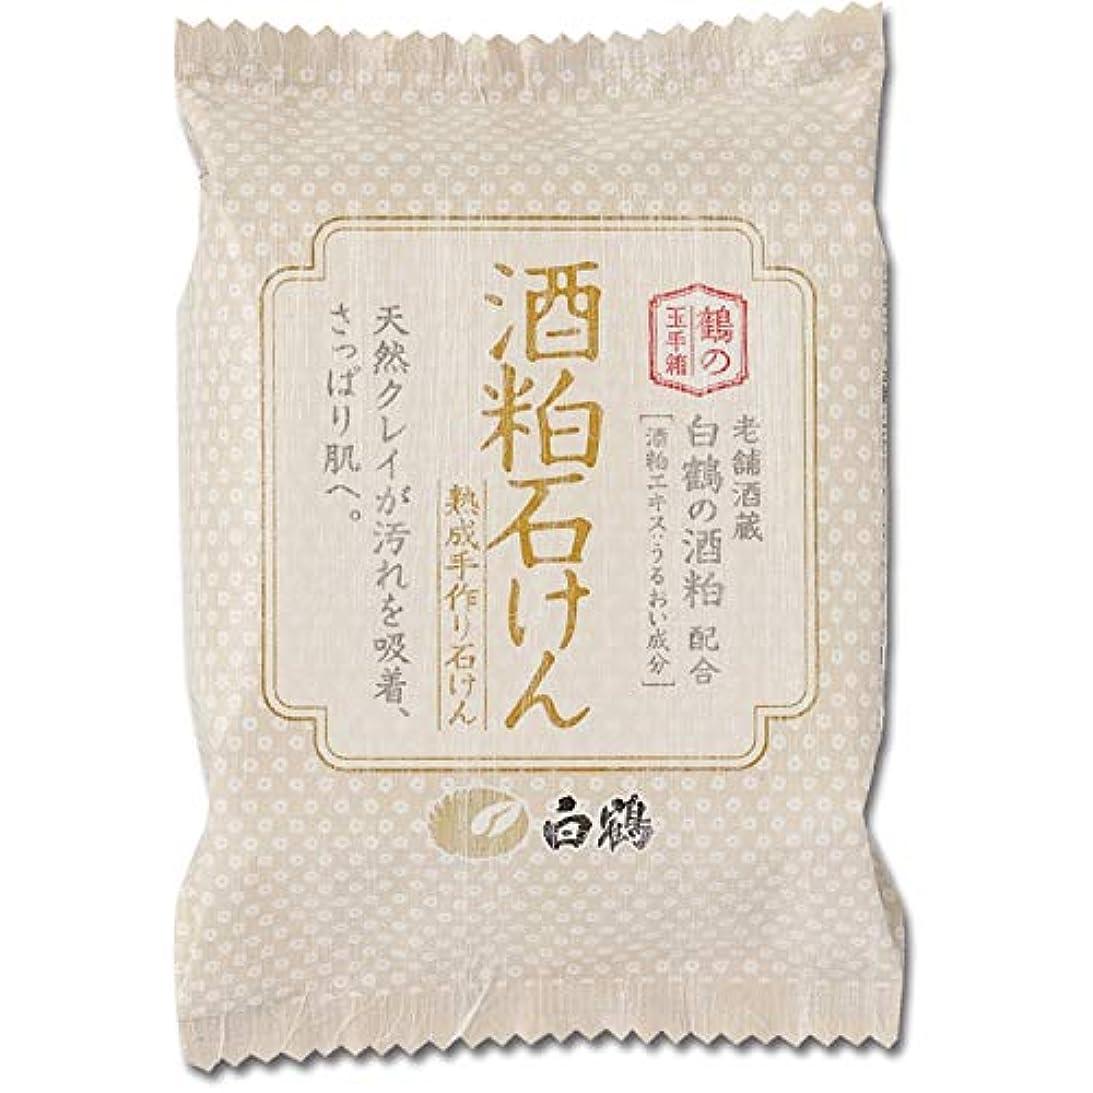 告発座標エッセイ白鶴 鶴の玉手箱 酒粕石けん 100g (全身用石鹸)